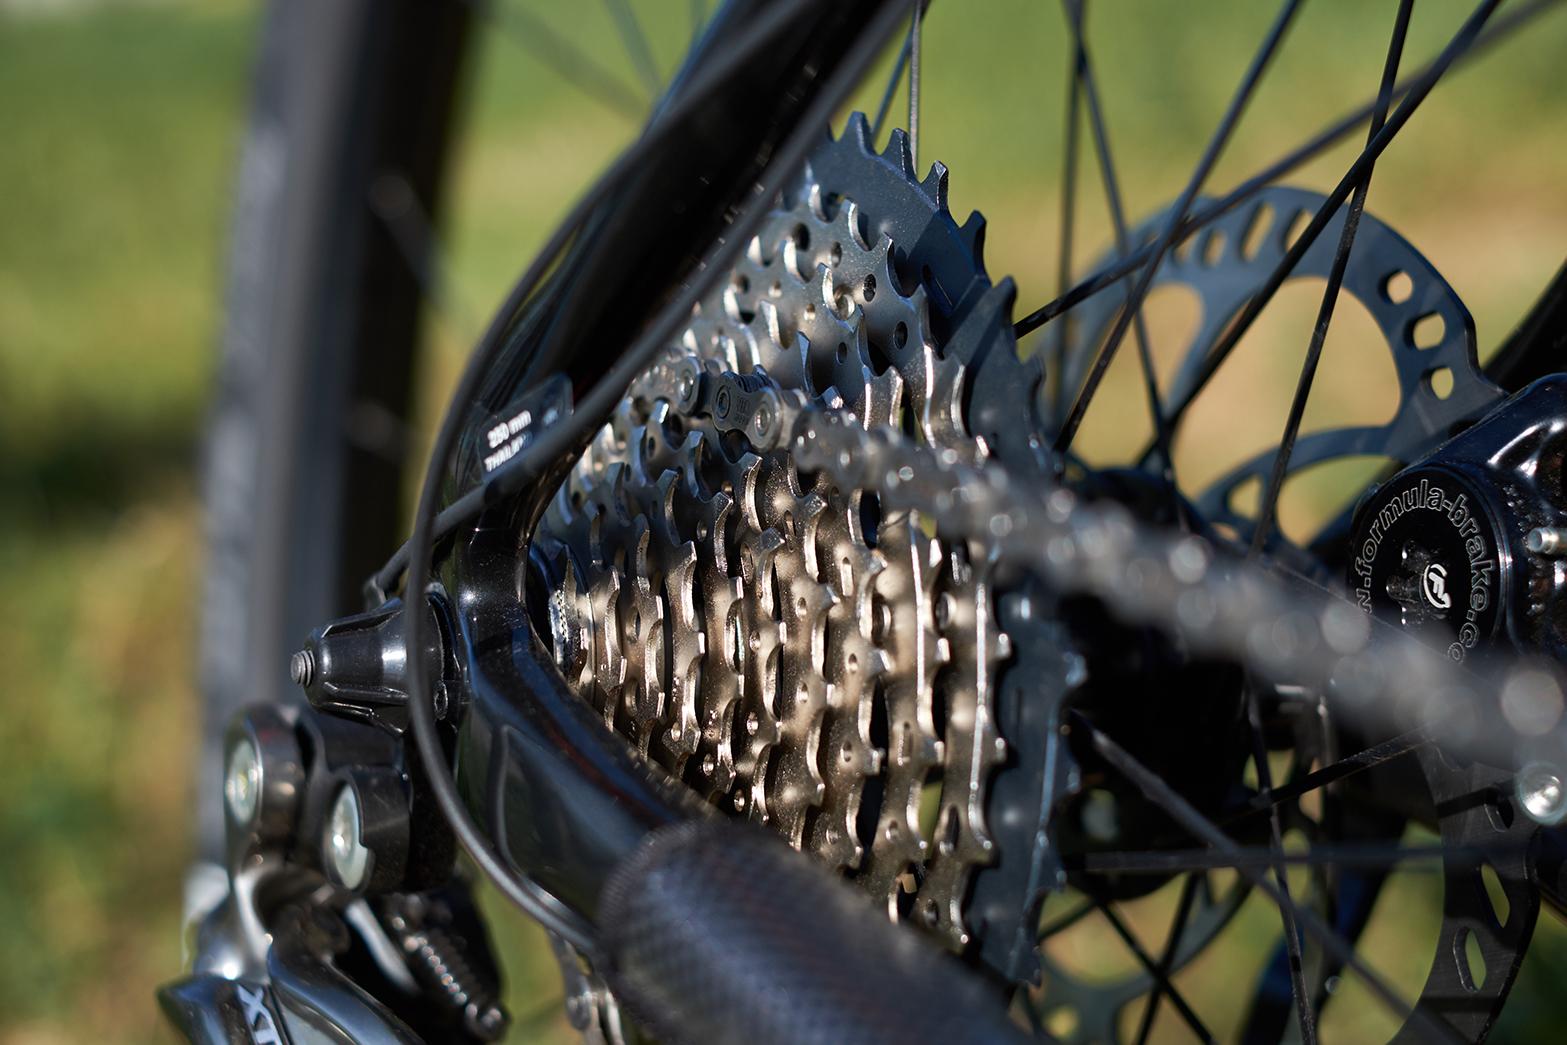 Ремонт цепи велосипеда и натяжителя цепи (3)